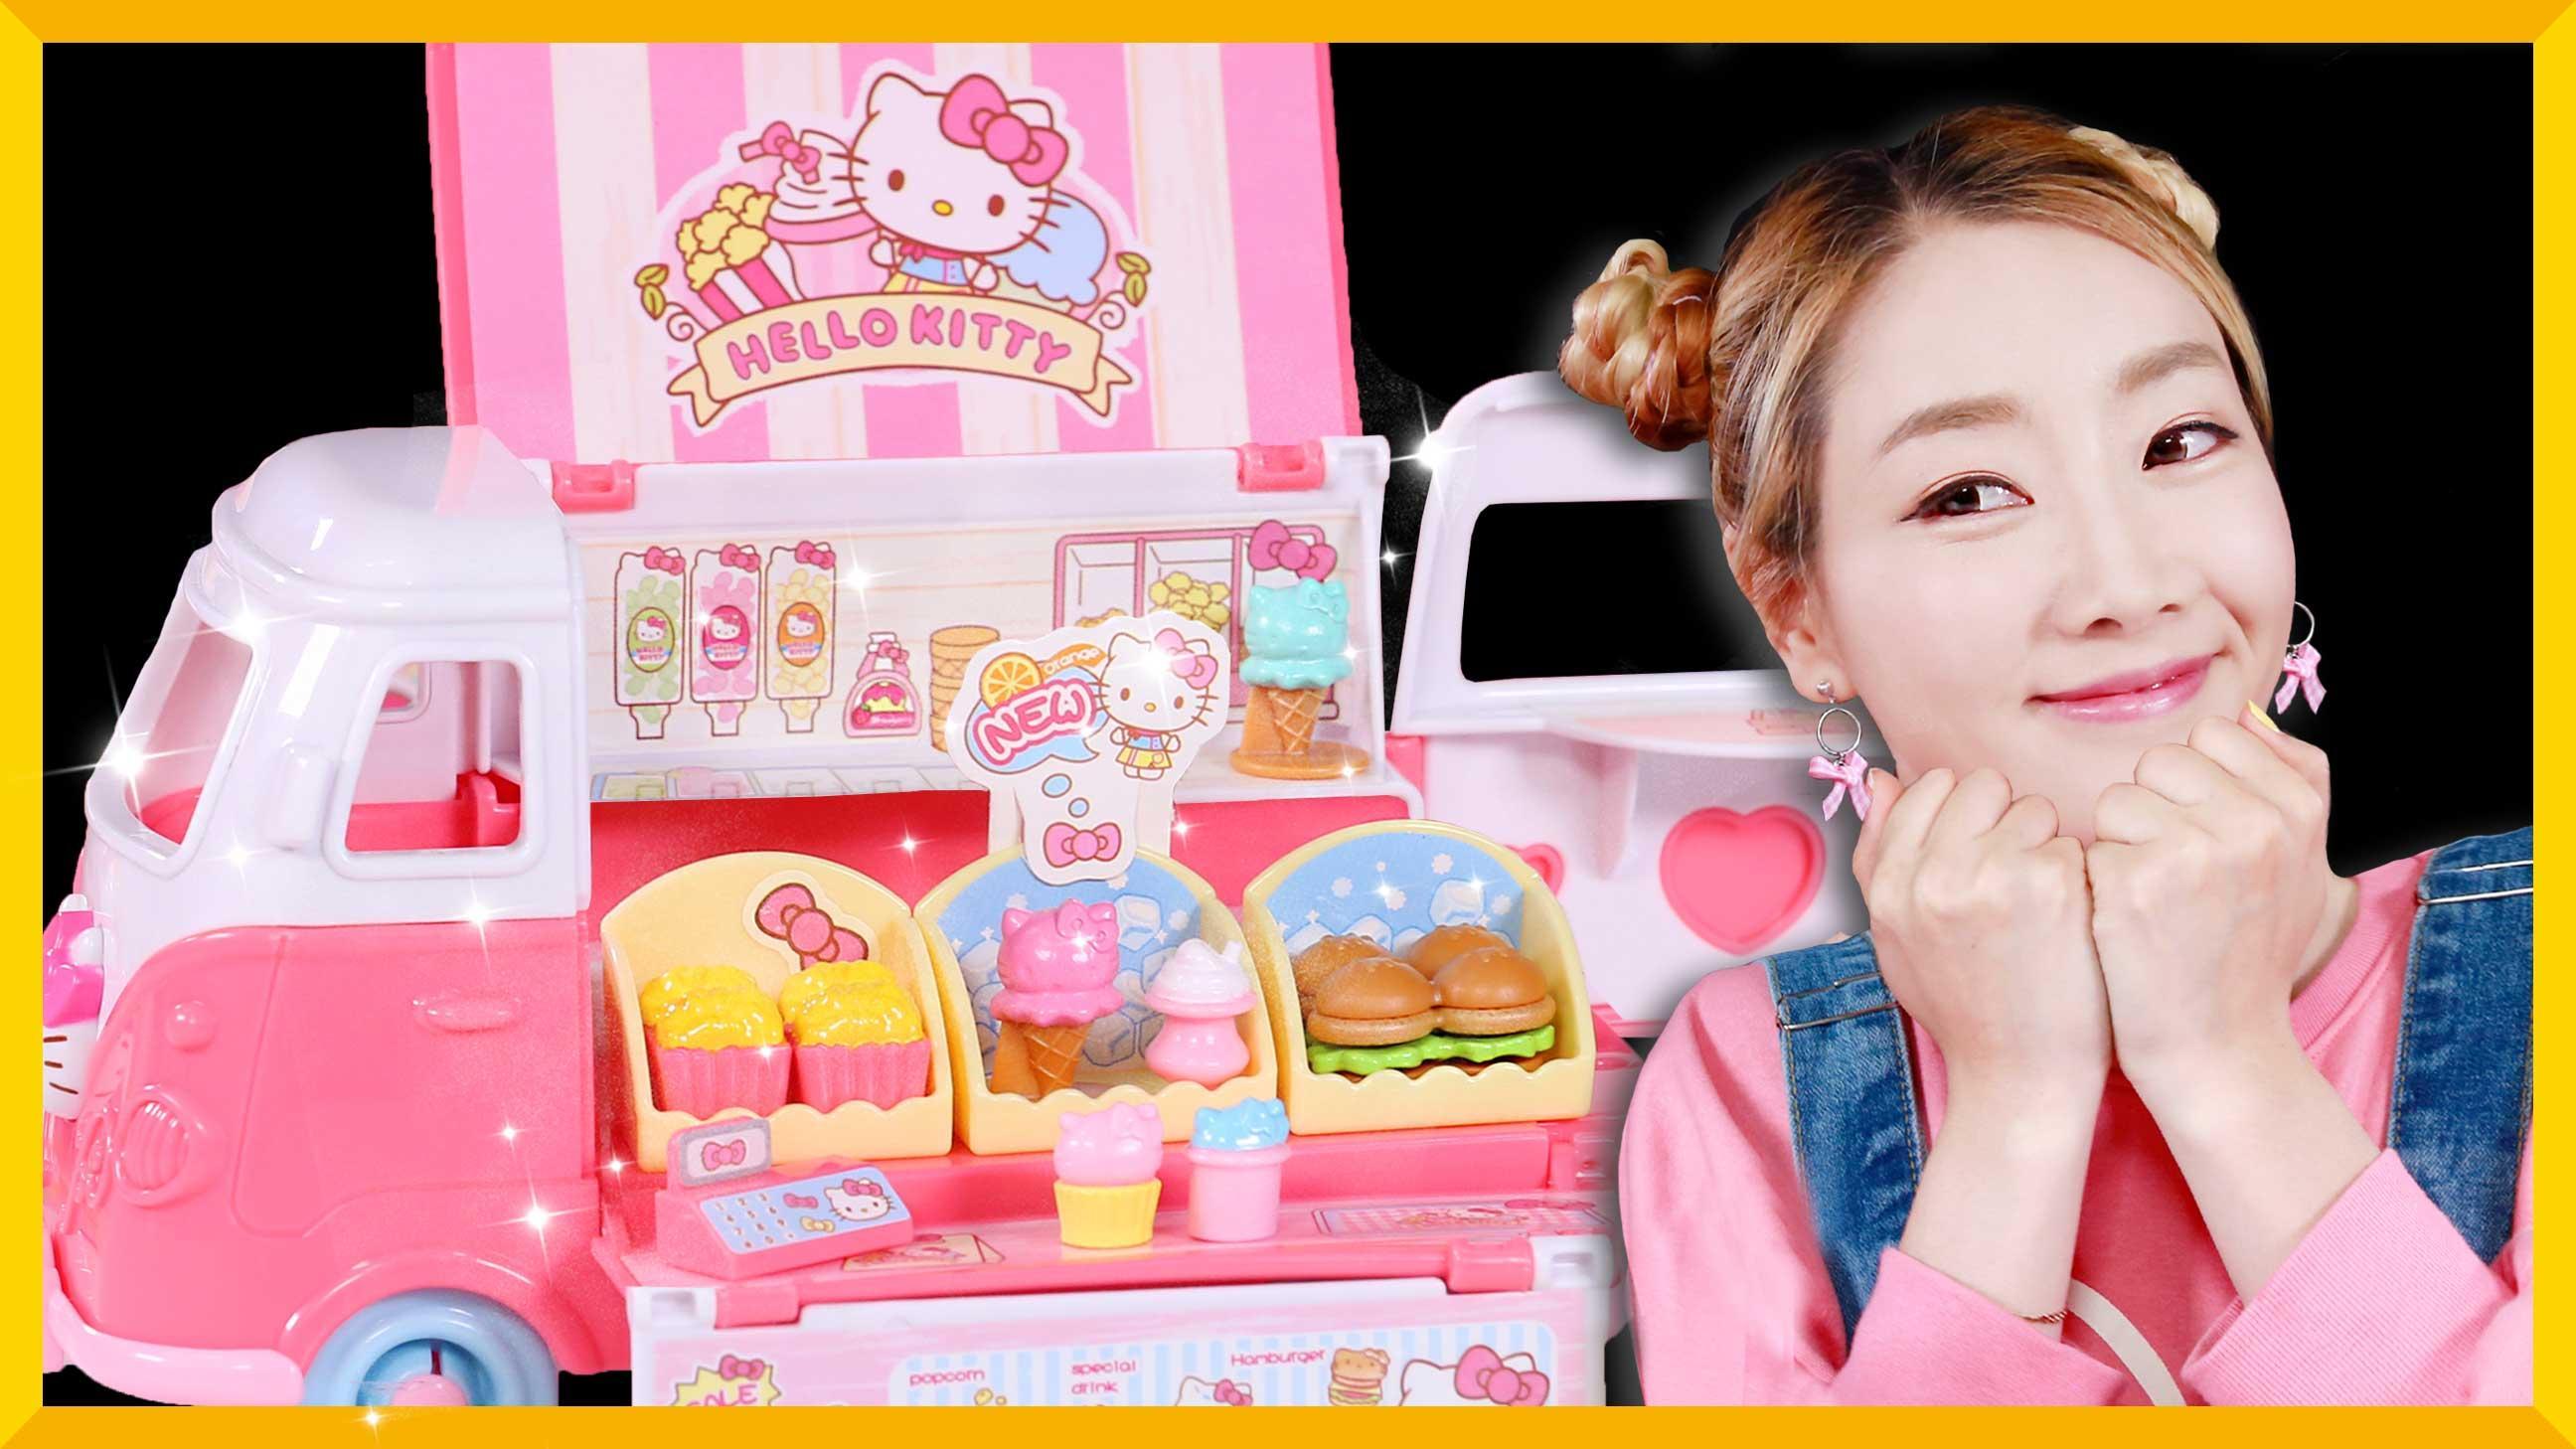 凯蒂猫开店试营业~甜蜜暴击粉红美食快餐车 | 爱丽和故事  EllieAndStory